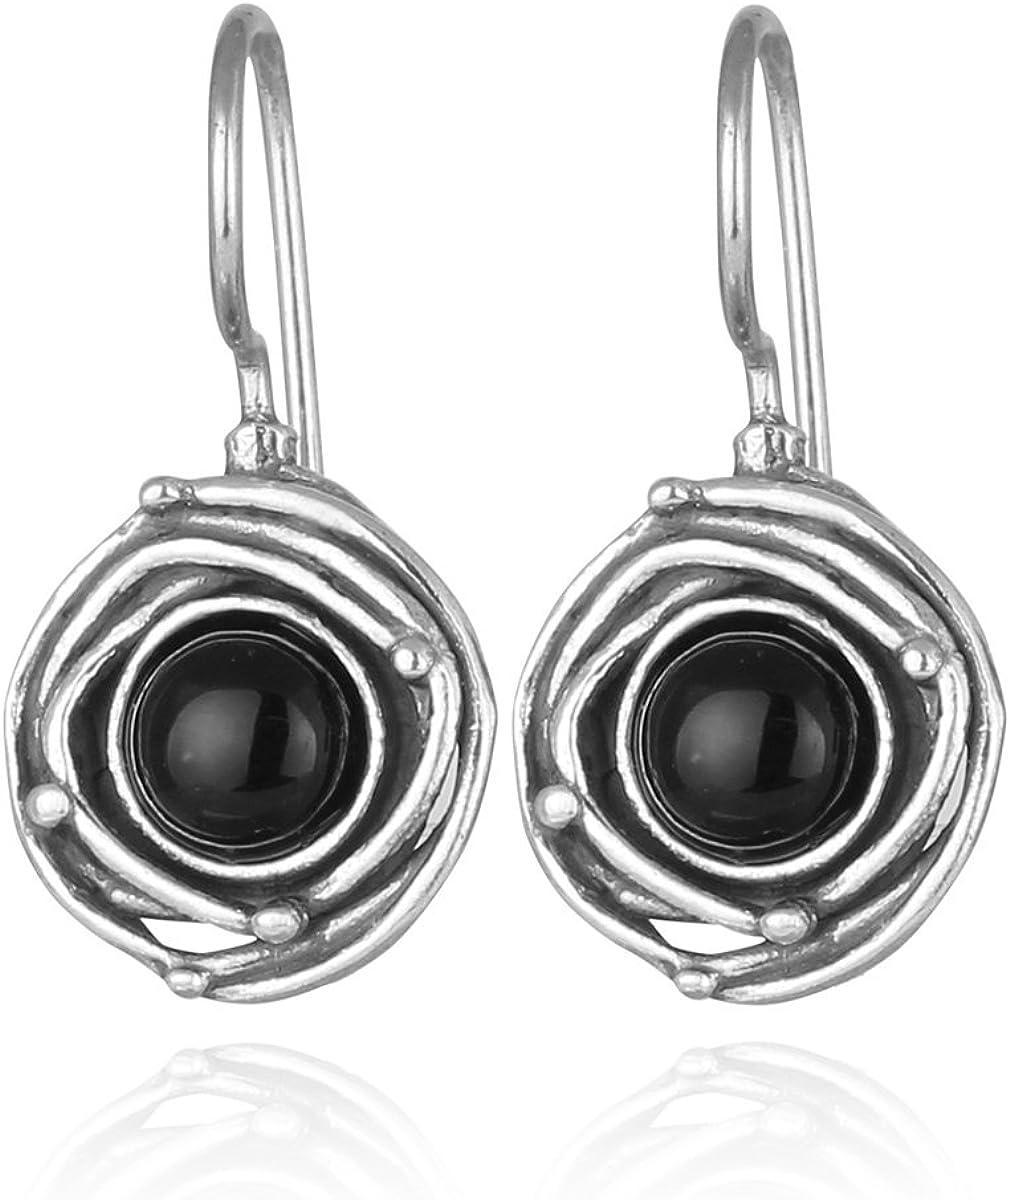 Stera Jewelry - Pendientes de plata de ley 925 con diseño de espiral, color negro